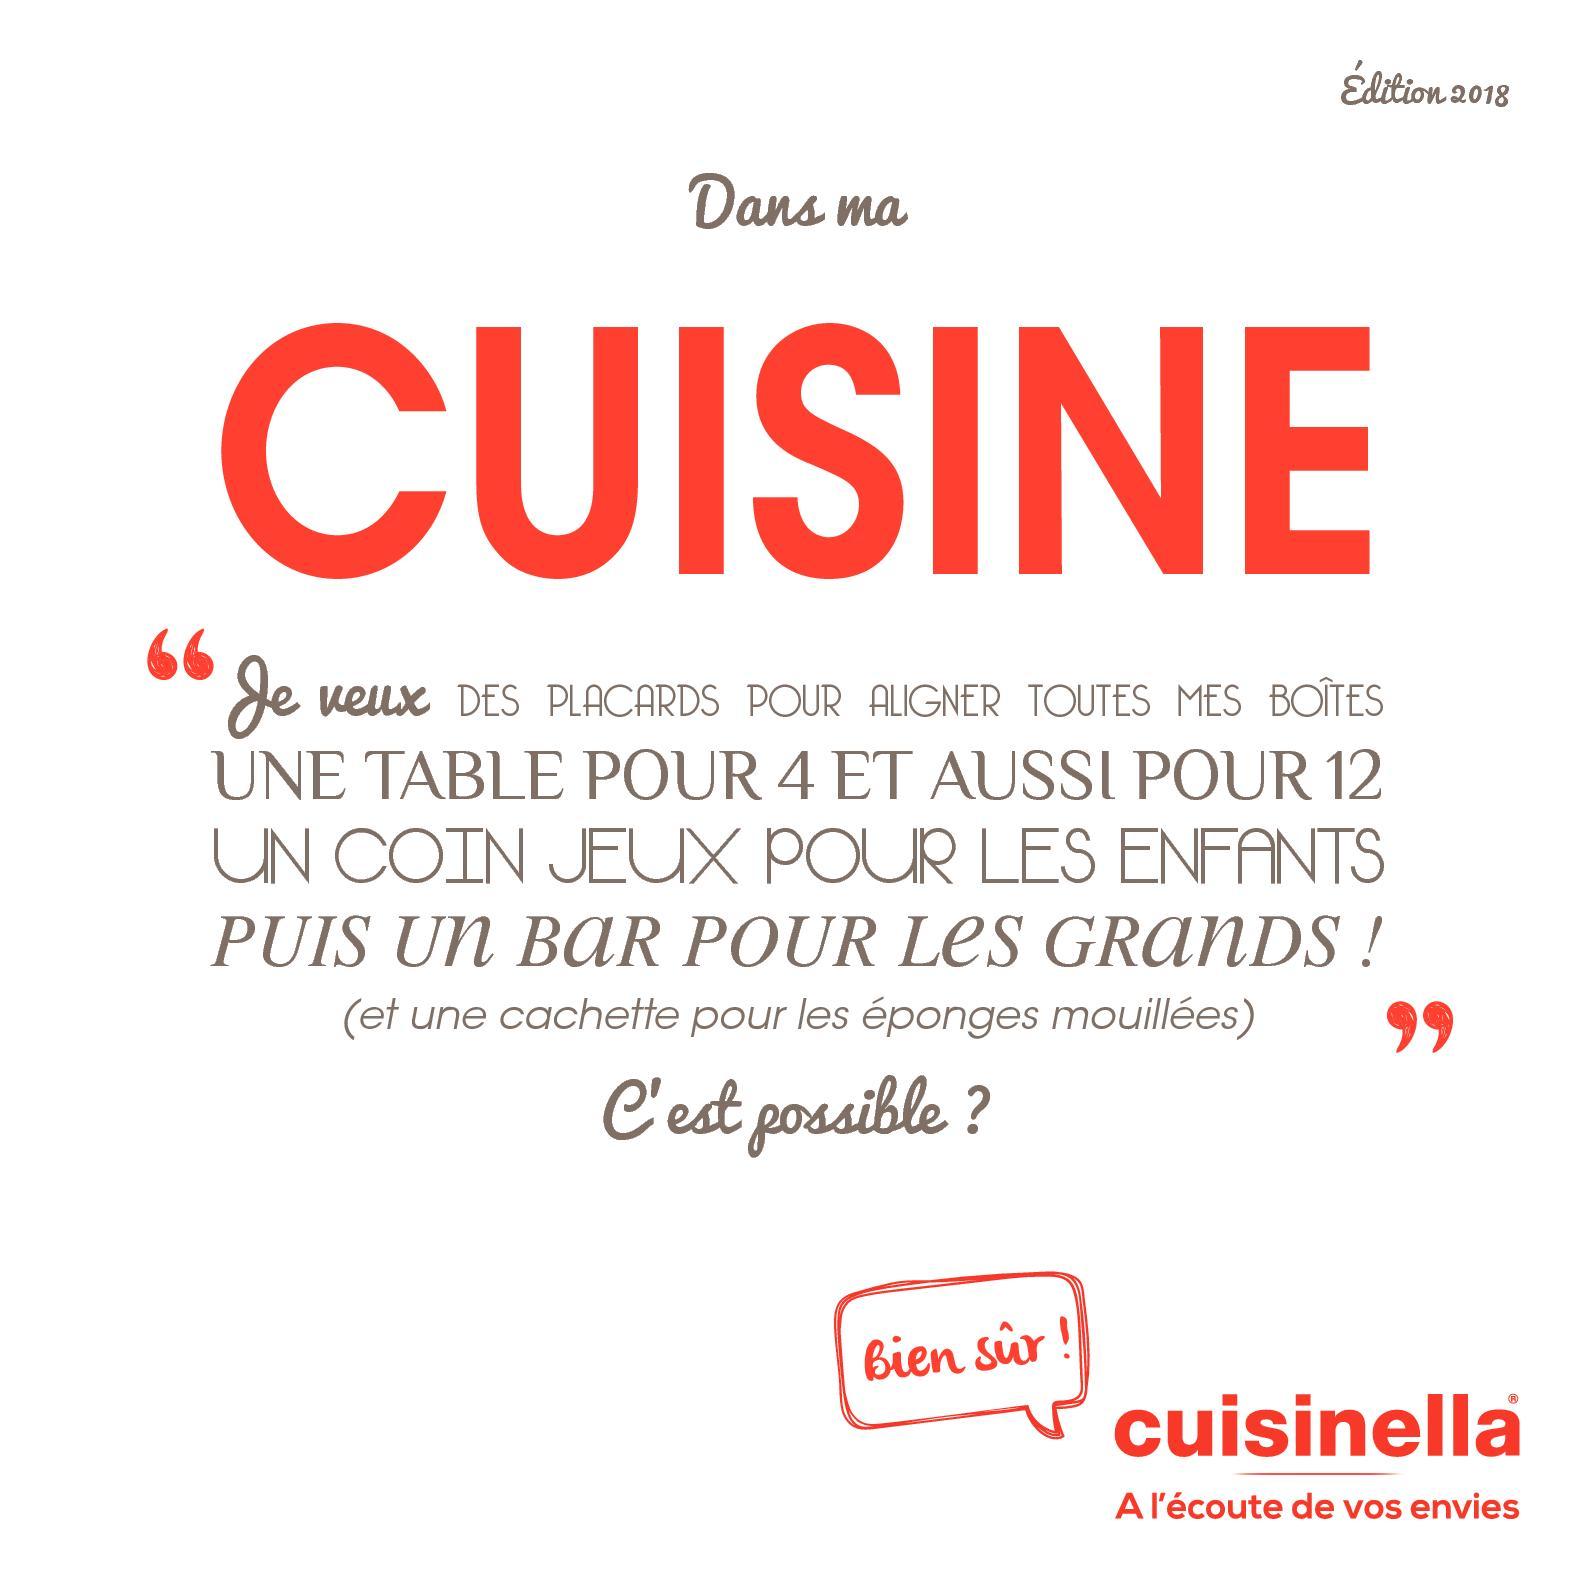 Ma Cuisine Vos Envies calaméo - catalogue cuisine cuisinella 2018